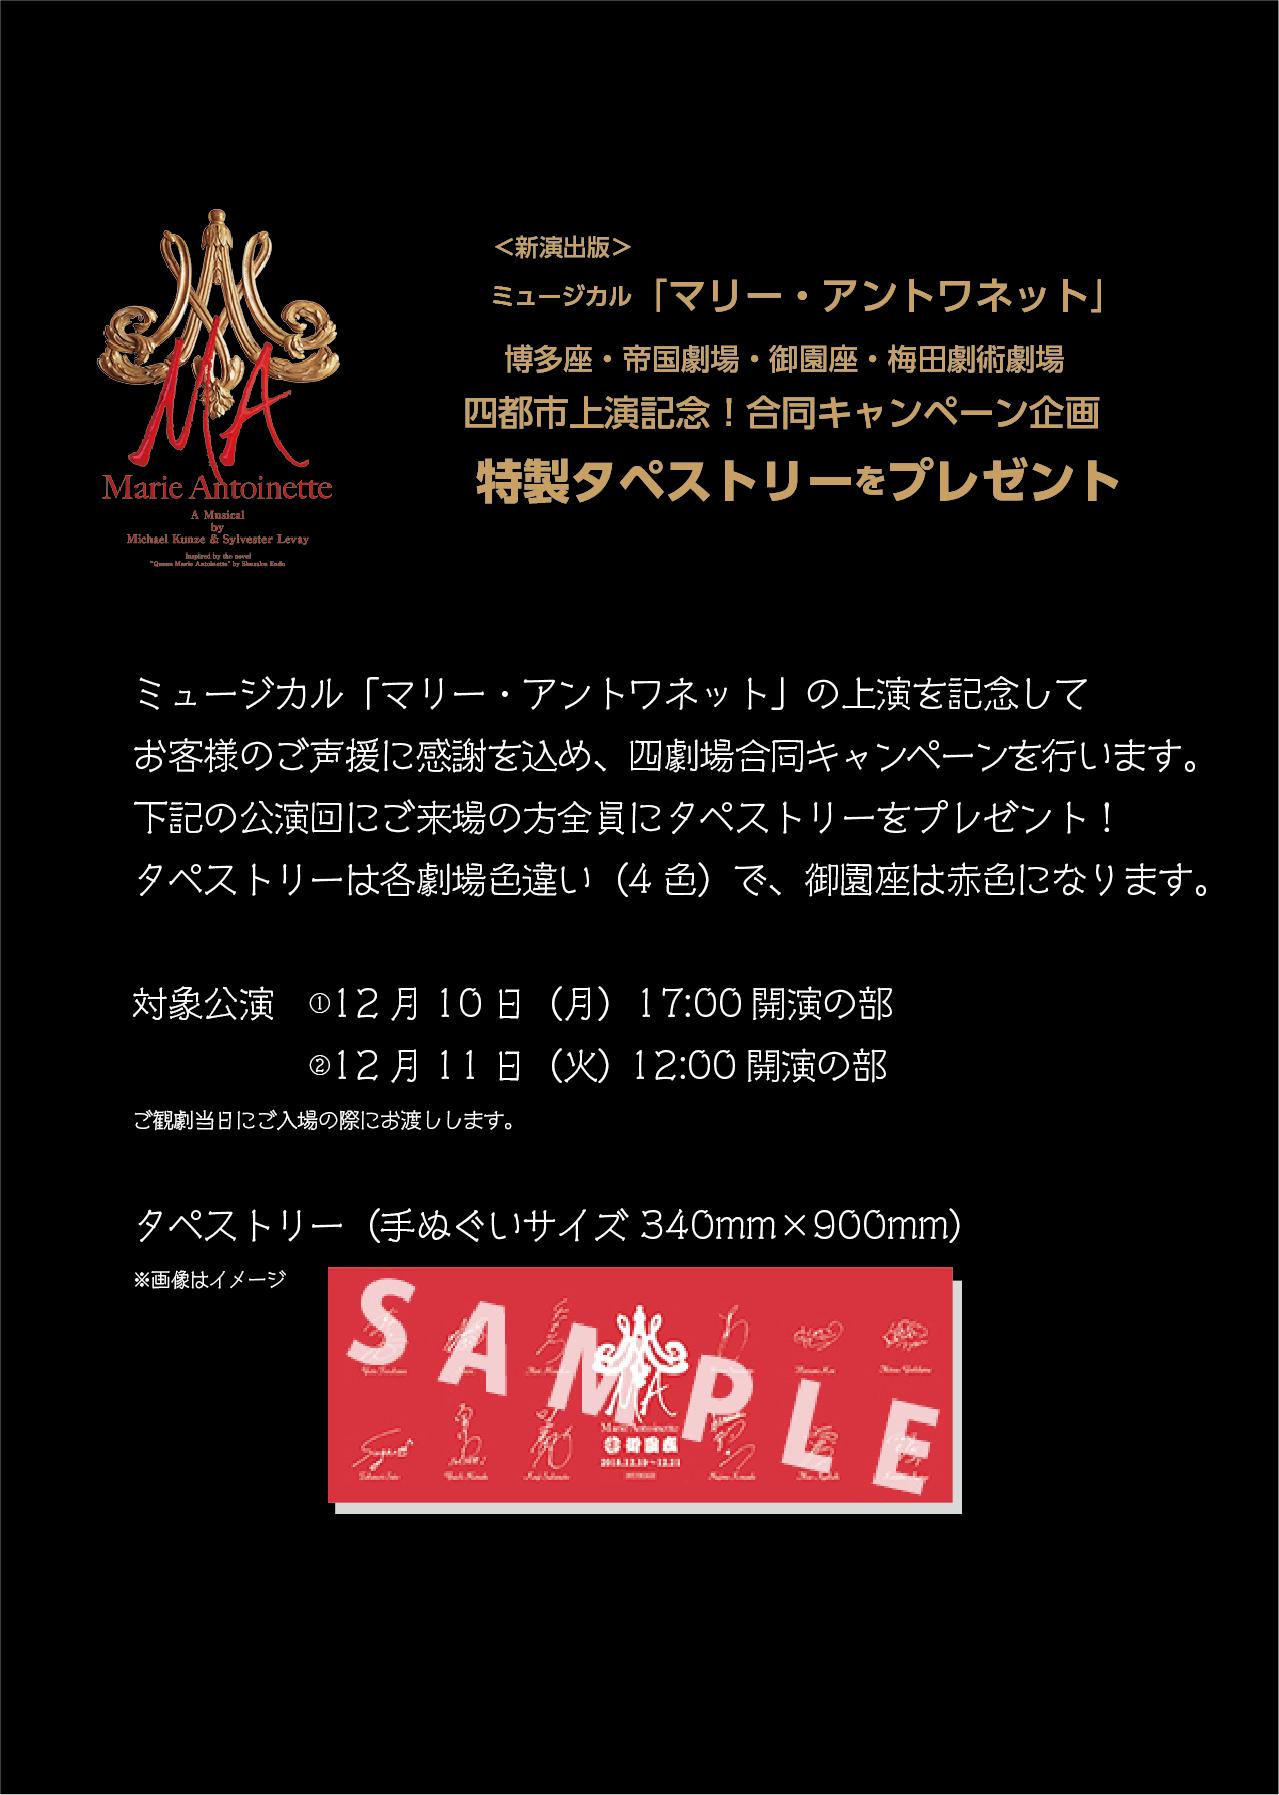 ミュージカル「マリー・アントワネット」四都市上演記念 合同キャンペーンが決定!